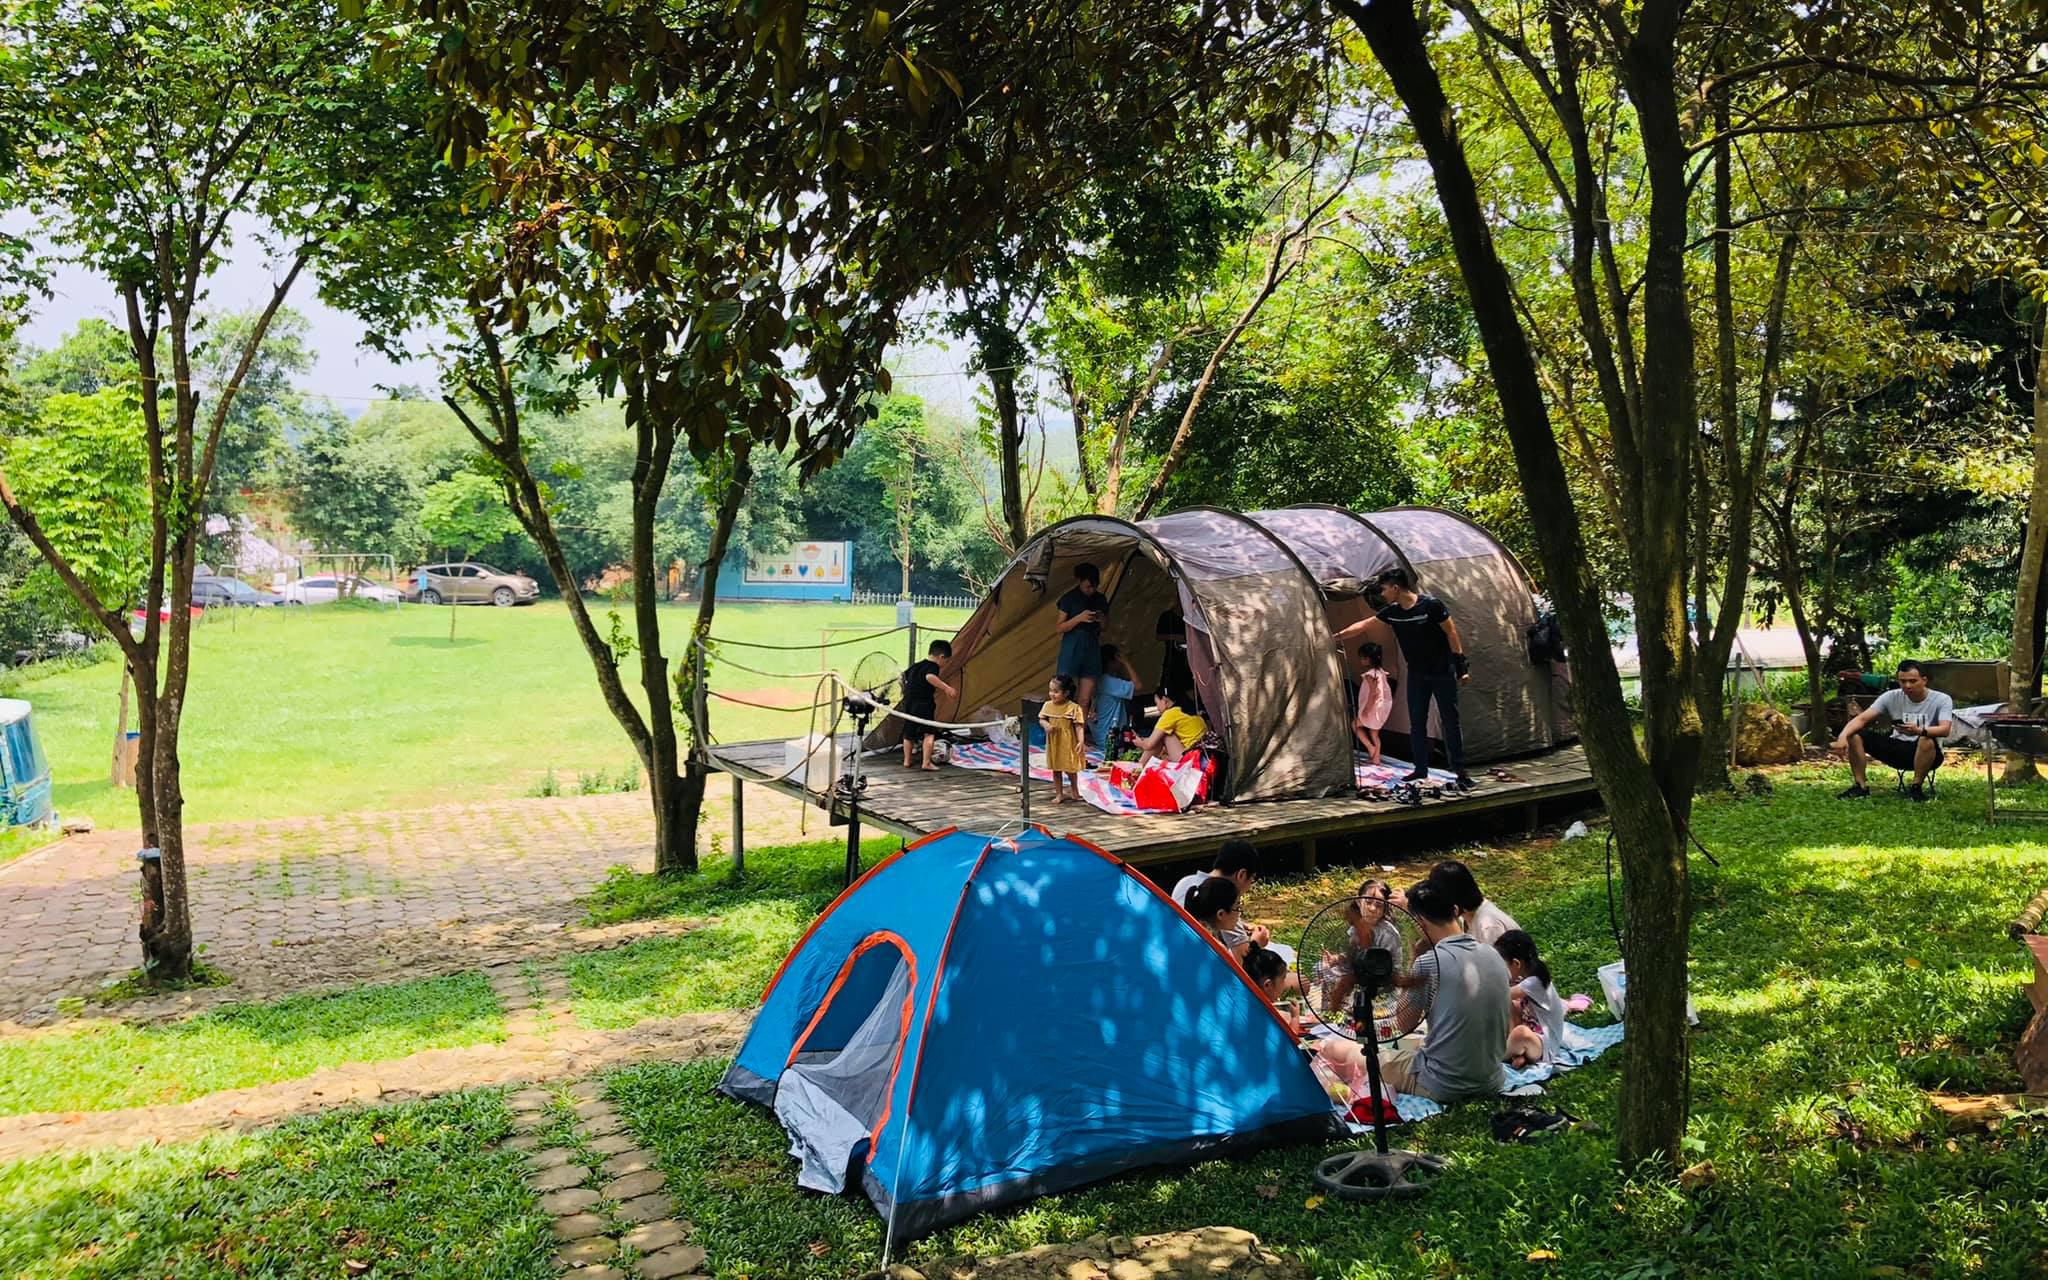 Hà Nội: Mách 3 địa điểm cắm trại cực nổi có dịch vụ trọn gói 2N1Đ cho gia đình 4 người, giá không quá 2 triệu đồng